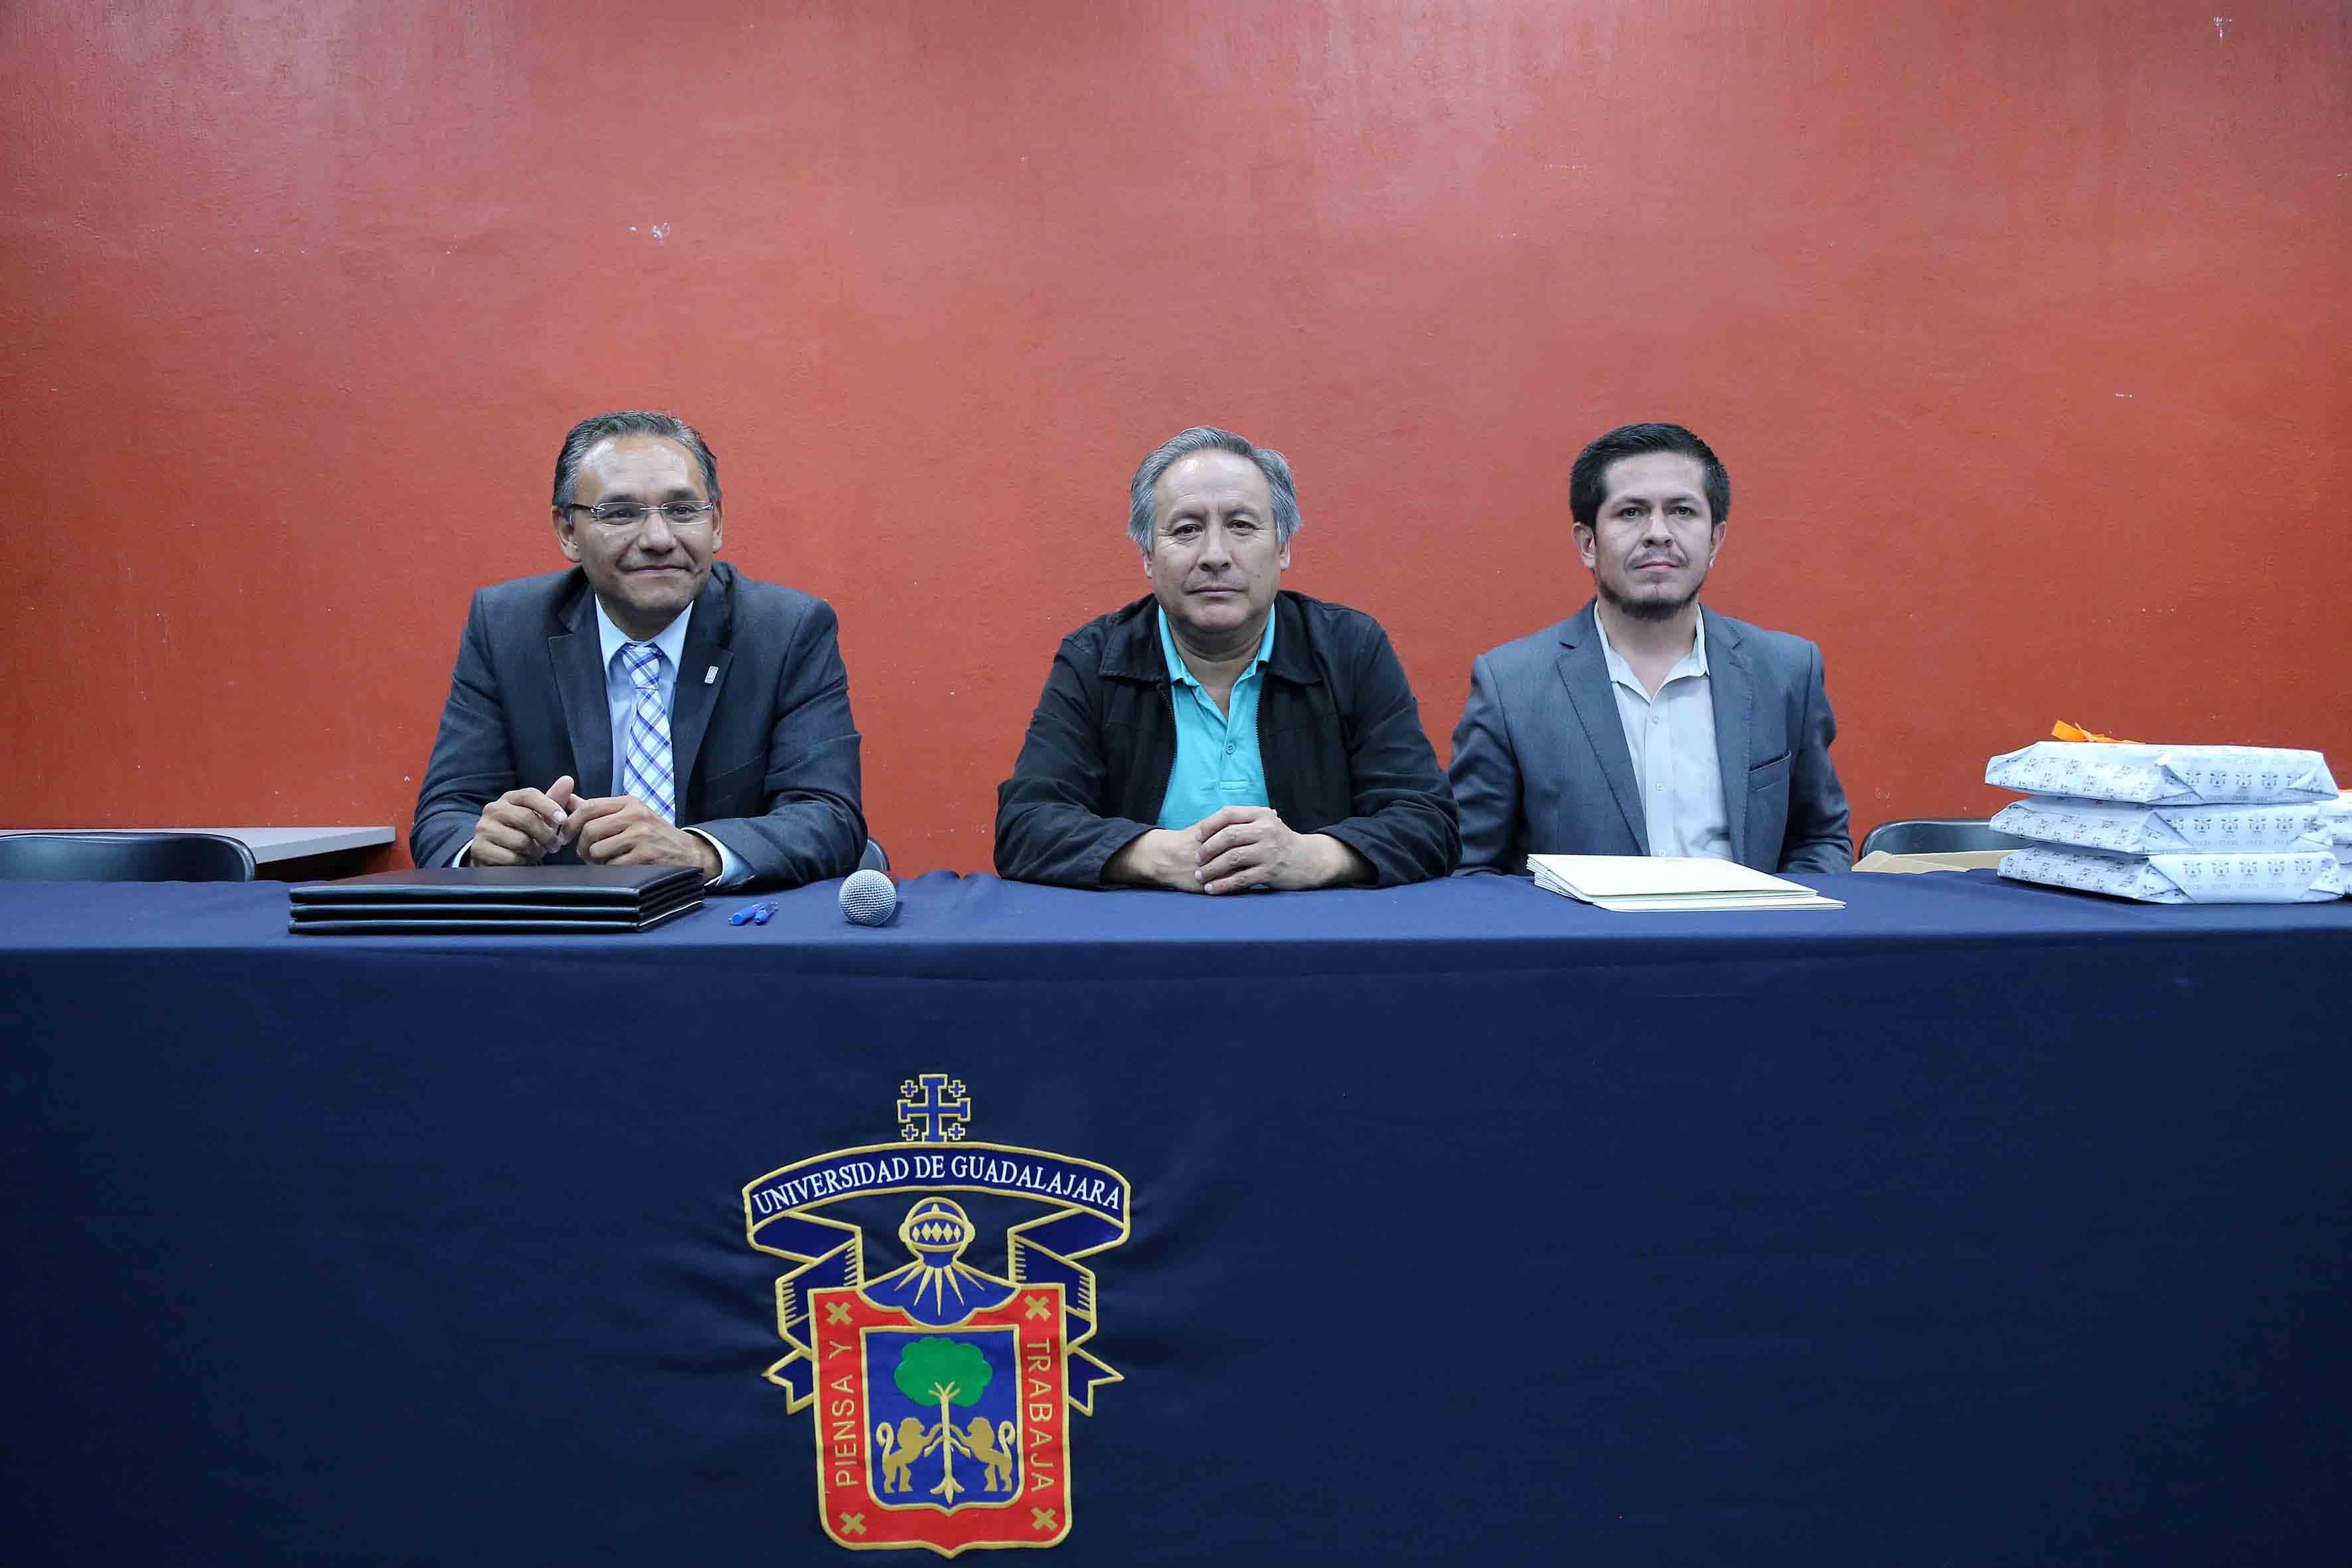 Ceremonia de premiación a los estudiantes de la UdeG en el concurso CUCEI CanSat